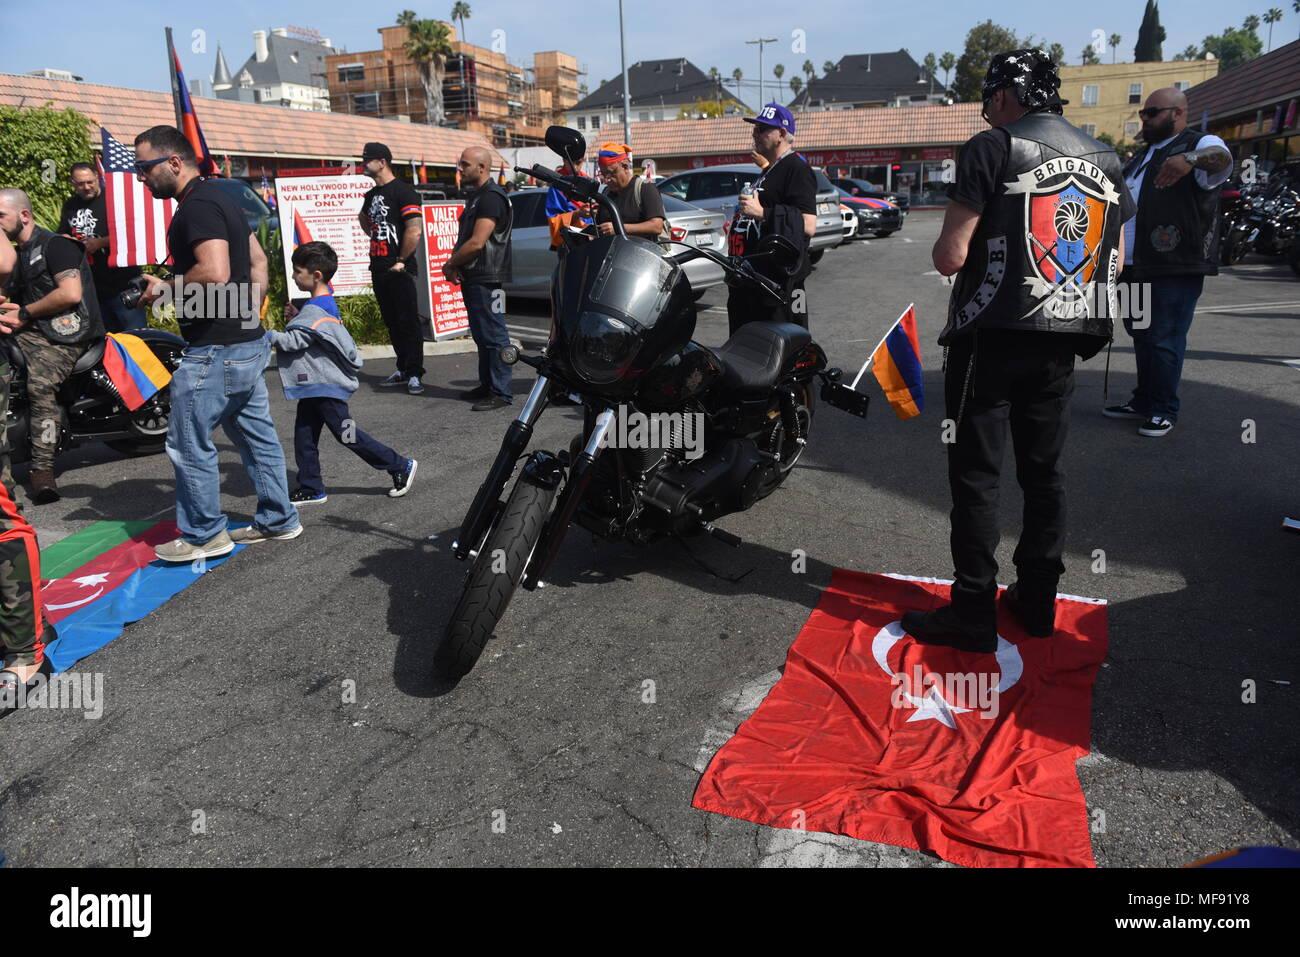 Los Angeles Usa April 24 2018 Los Angeles Teilnehmer Treten Auf Die Flaggen Der Turkei Und